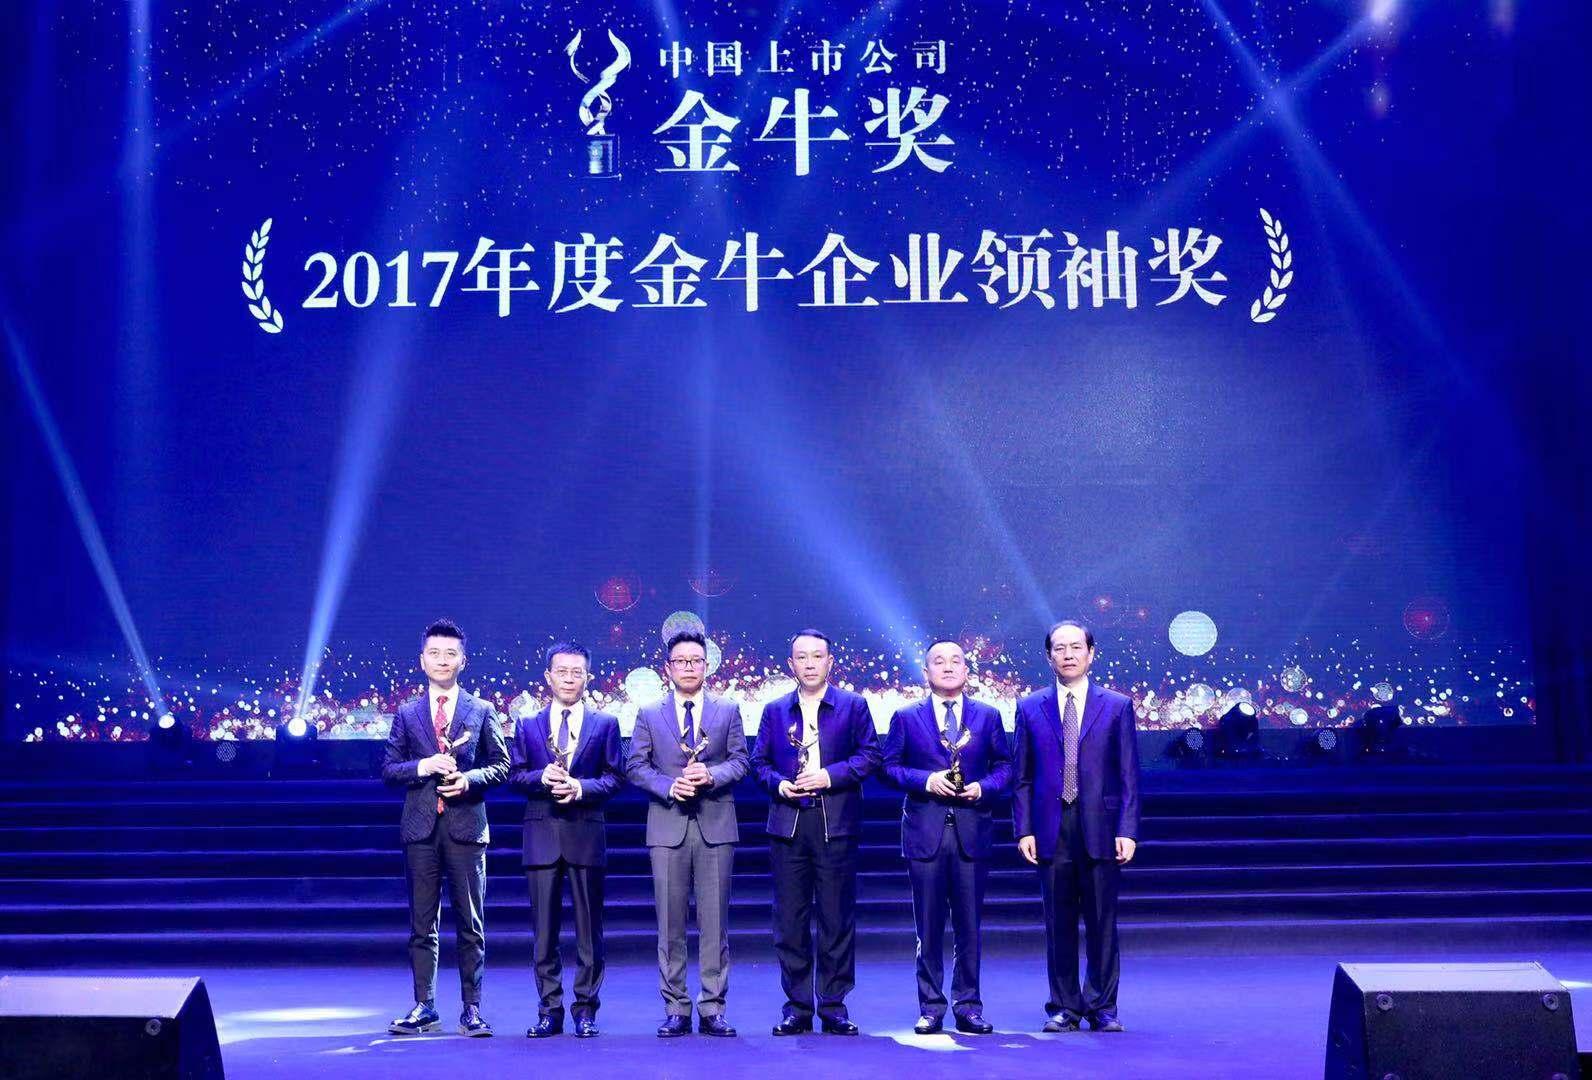 2017年度金牛企业领袖奖(第一组)